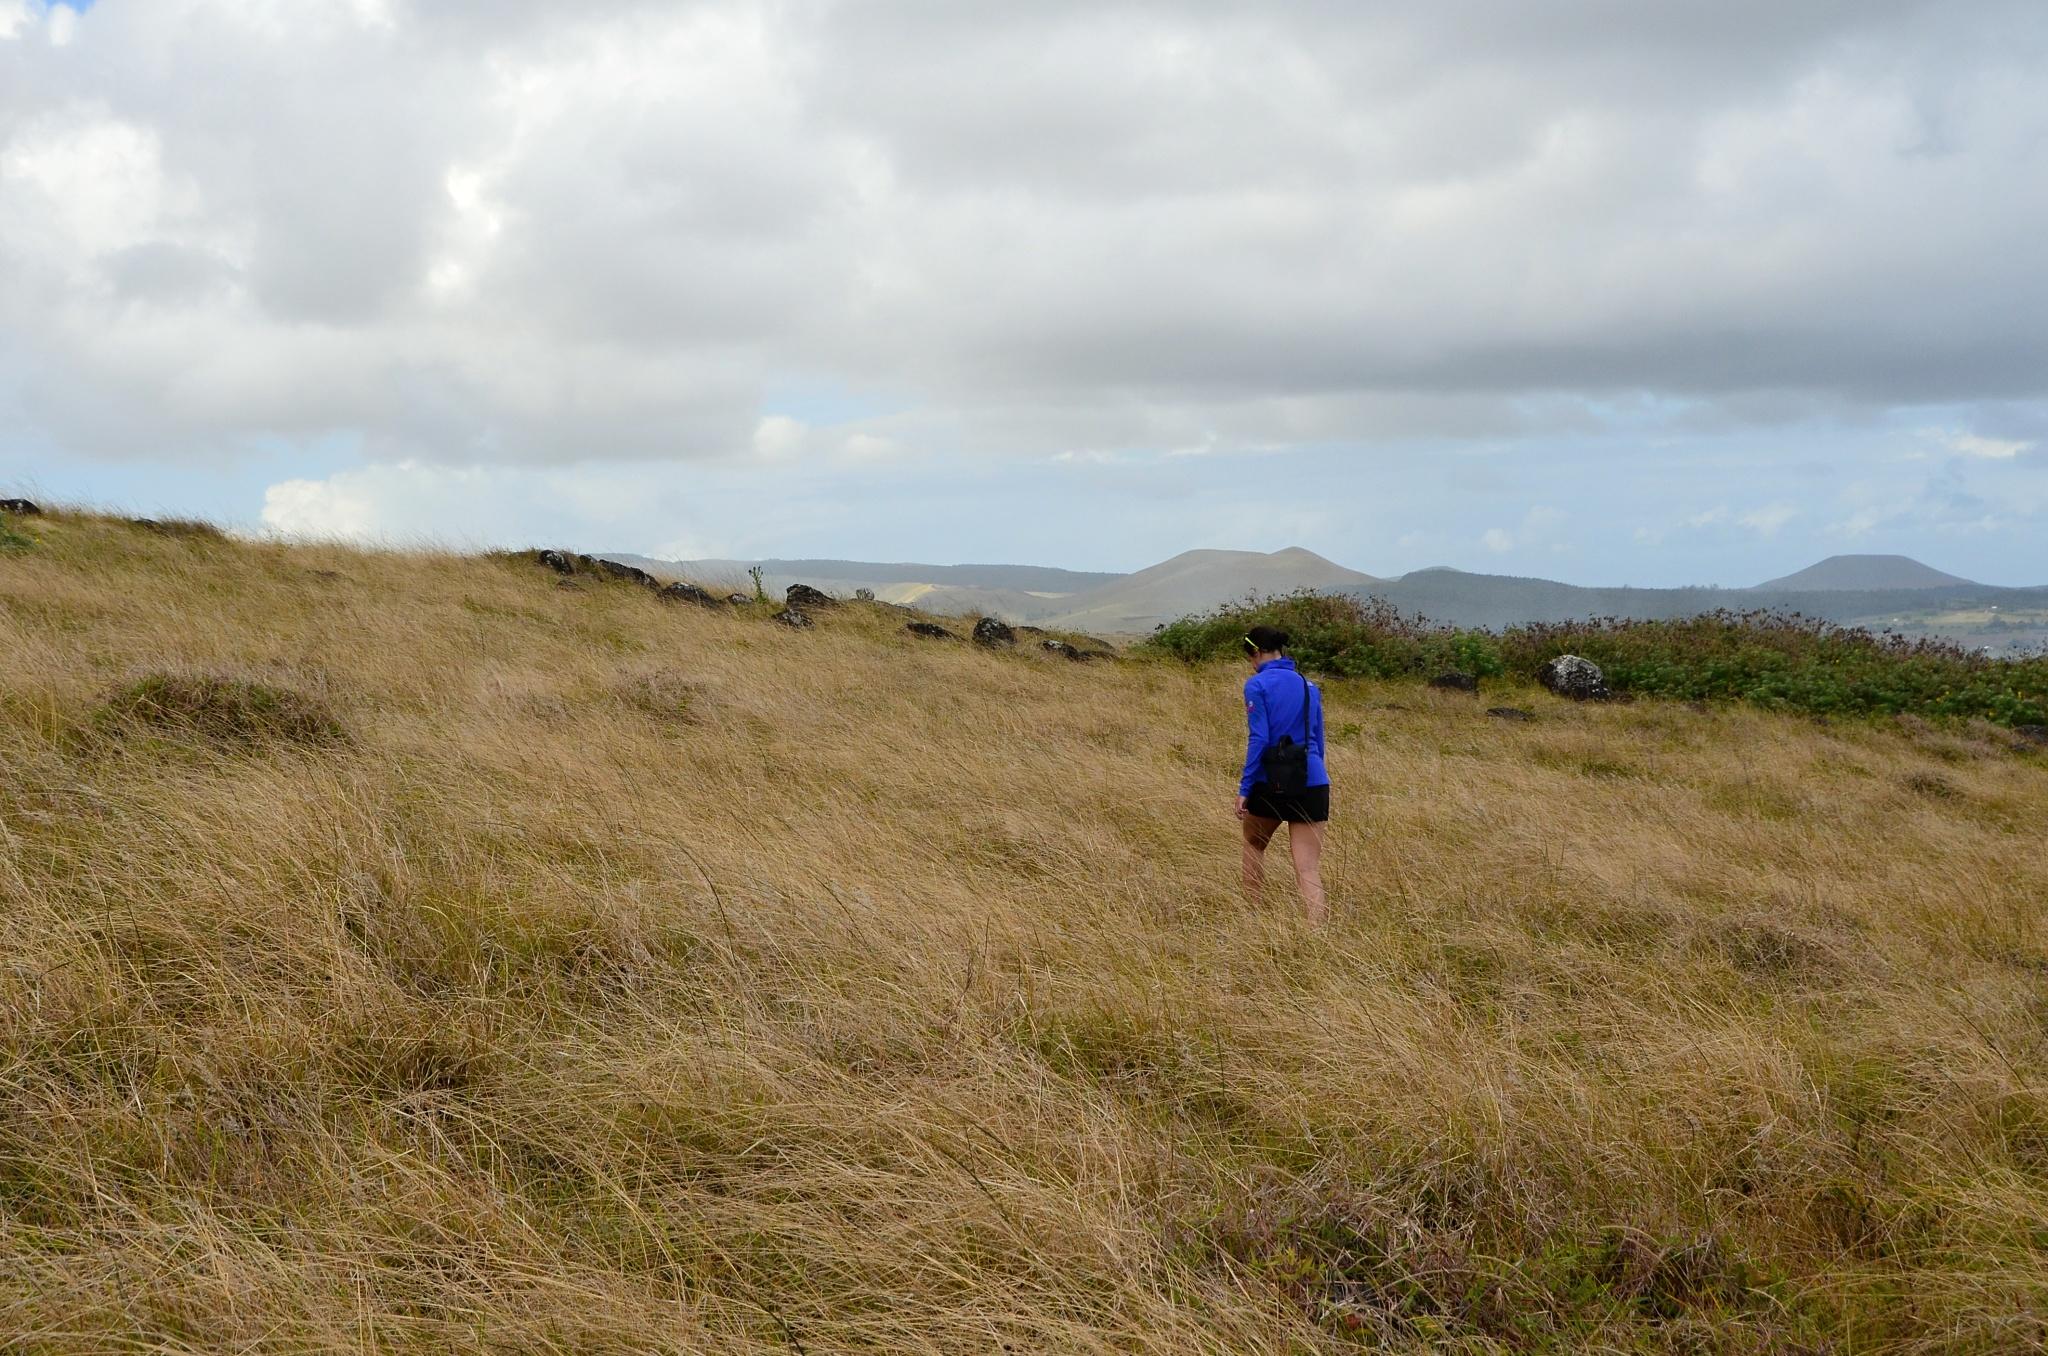 Cesta vysokou travou je... nezáživná a přitom obtížná